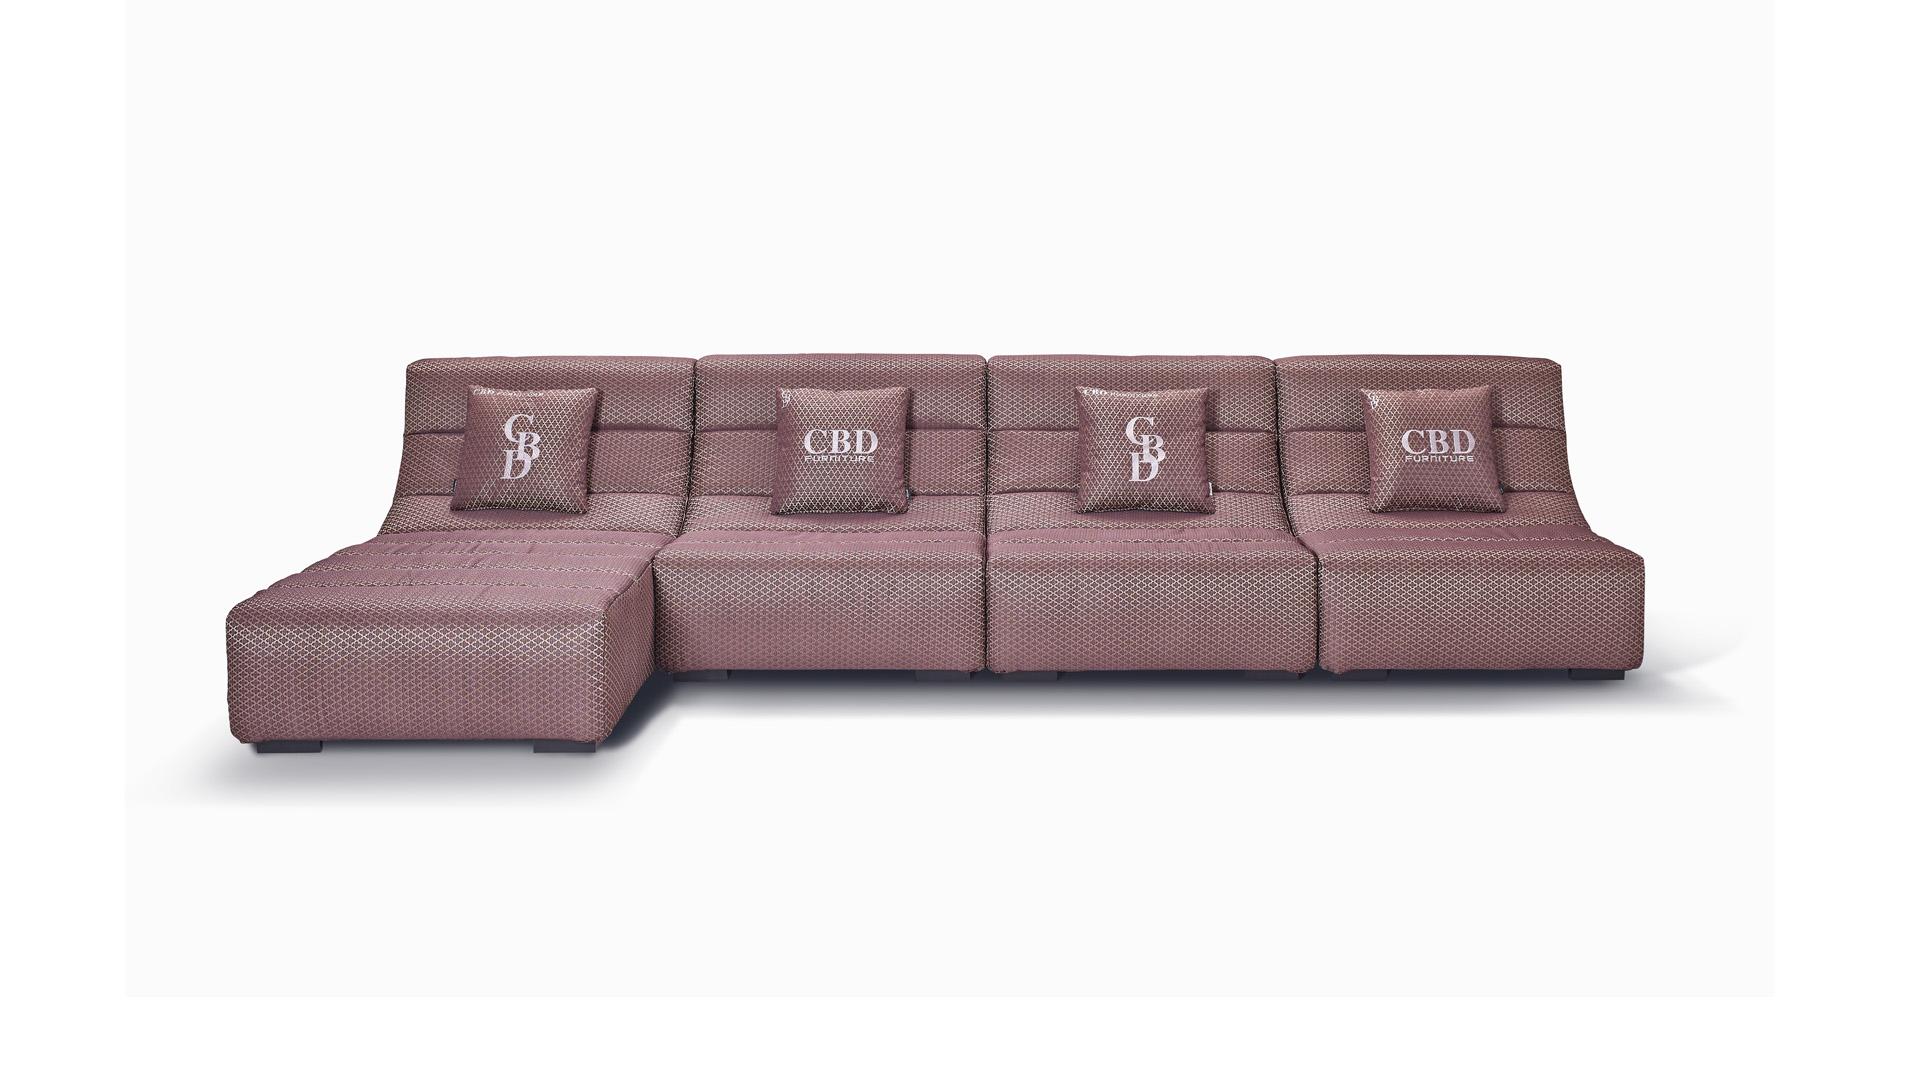 CBD Furniture